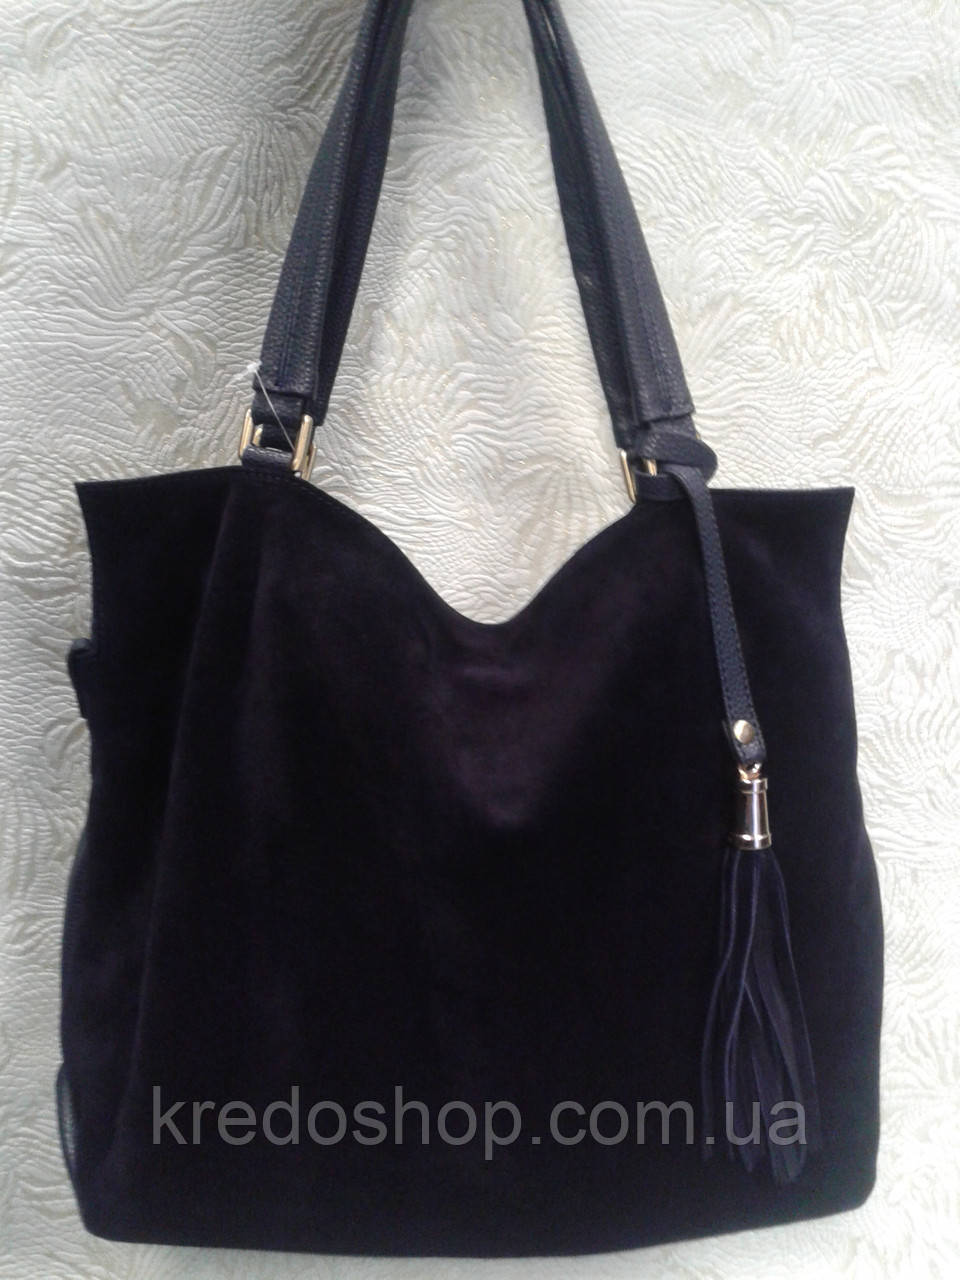 08cdd0f37e9d Женская сумка замшевая синяя стильная - Интернет-магазин сумок и аксессуаров